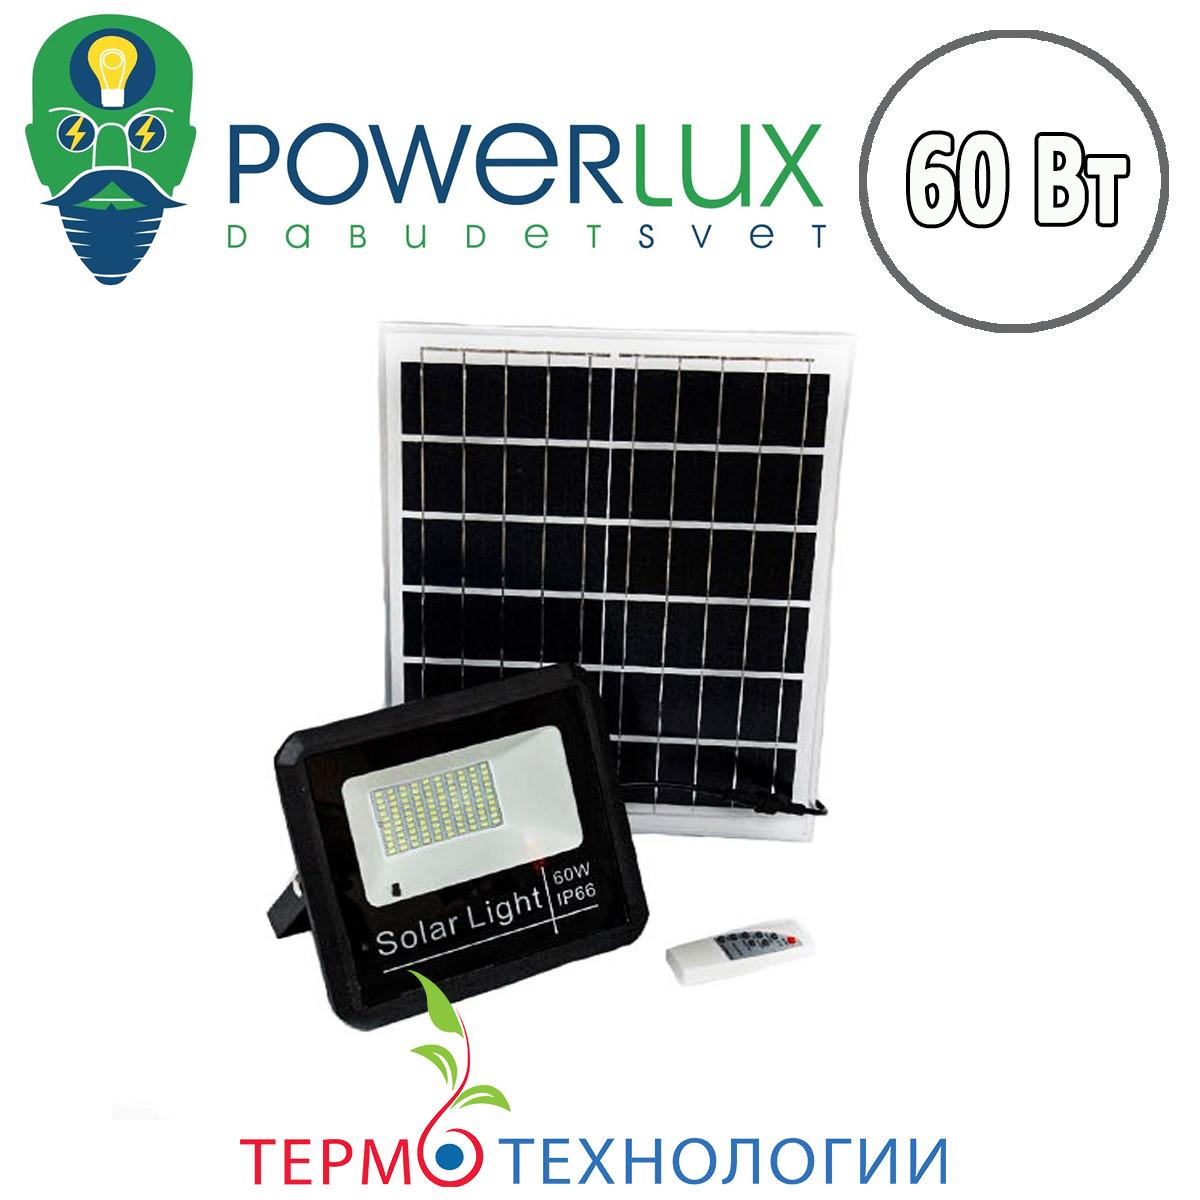 Светодиодный прожектор POWERLUX LED на солнечной панели 60W с пультом